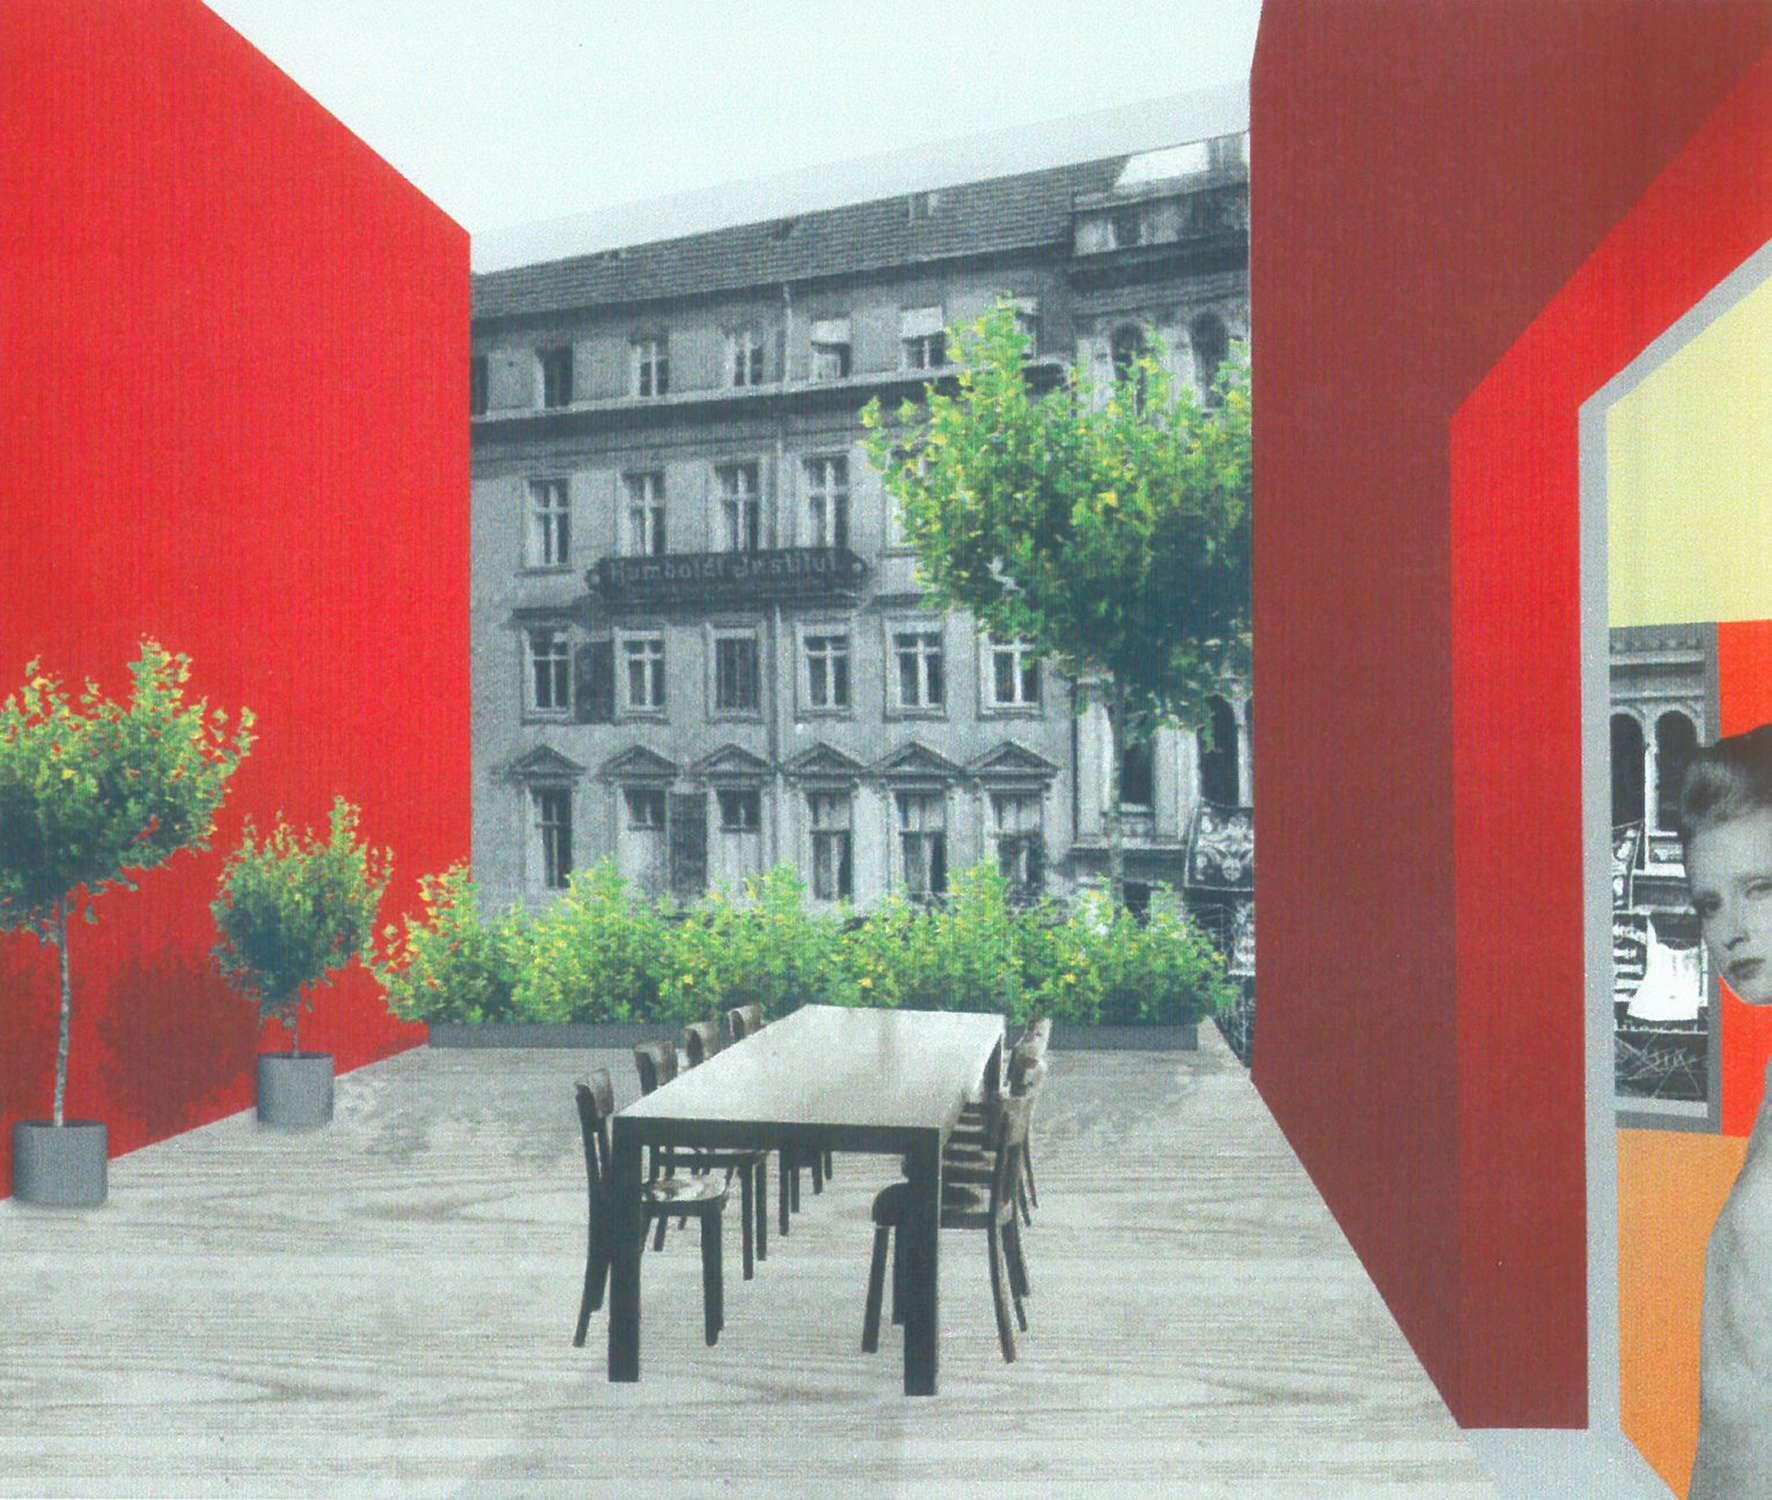 Studie Wohngebäude als Baustein im Block mit flexiblem Seitenflügel (4)